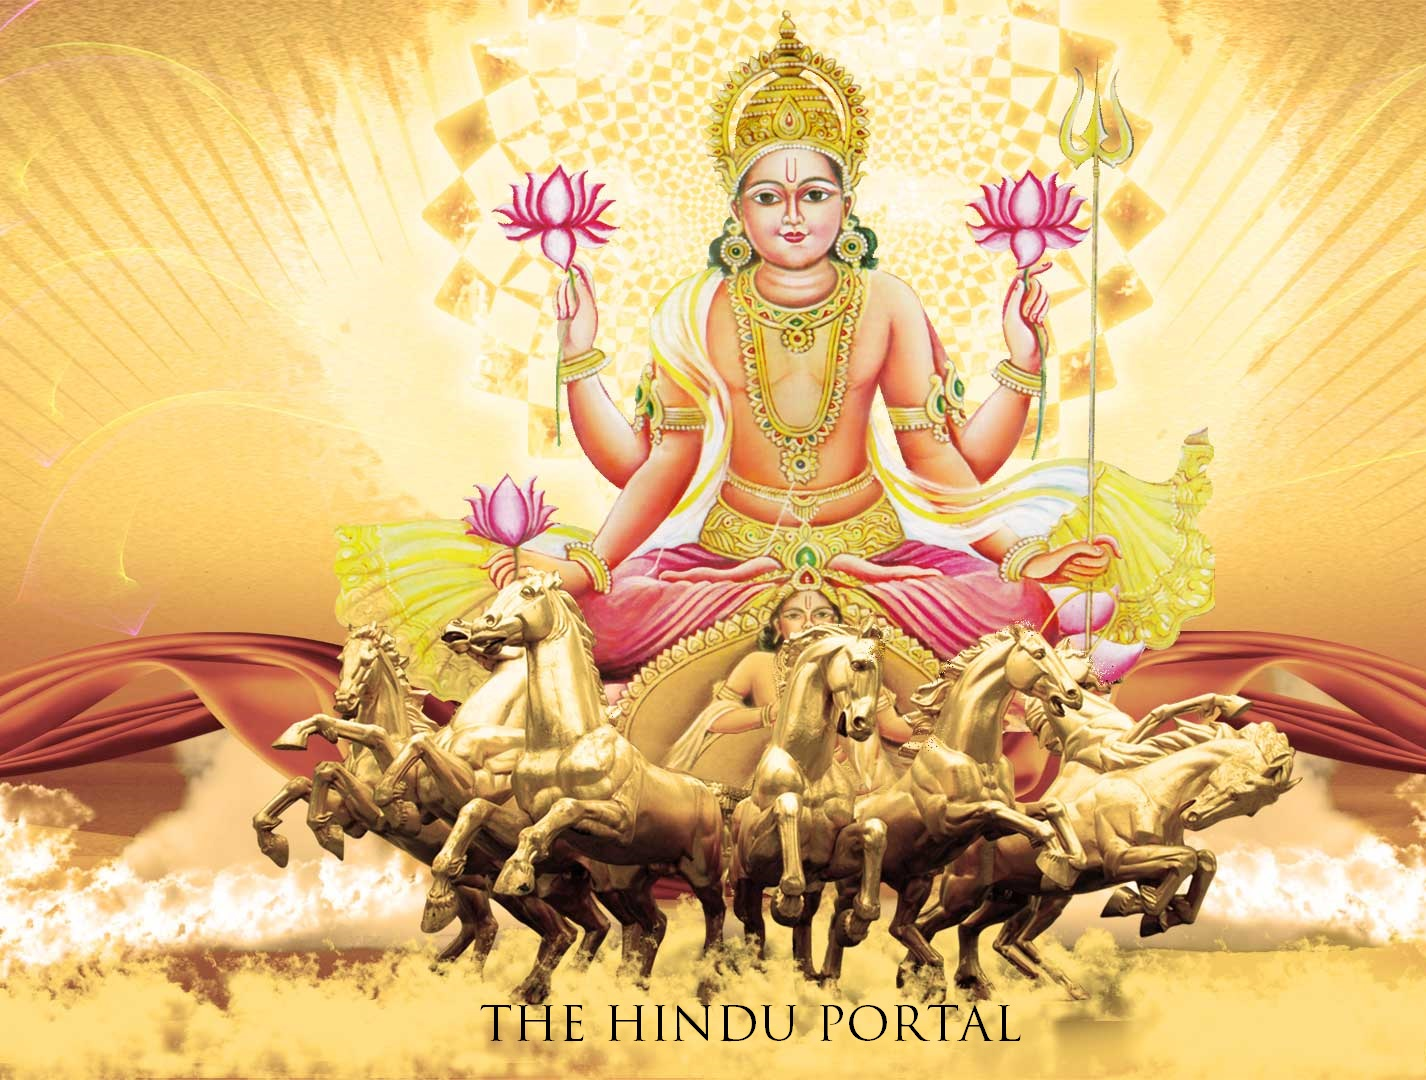 Ratha Sapthami or Surya Jayanthi